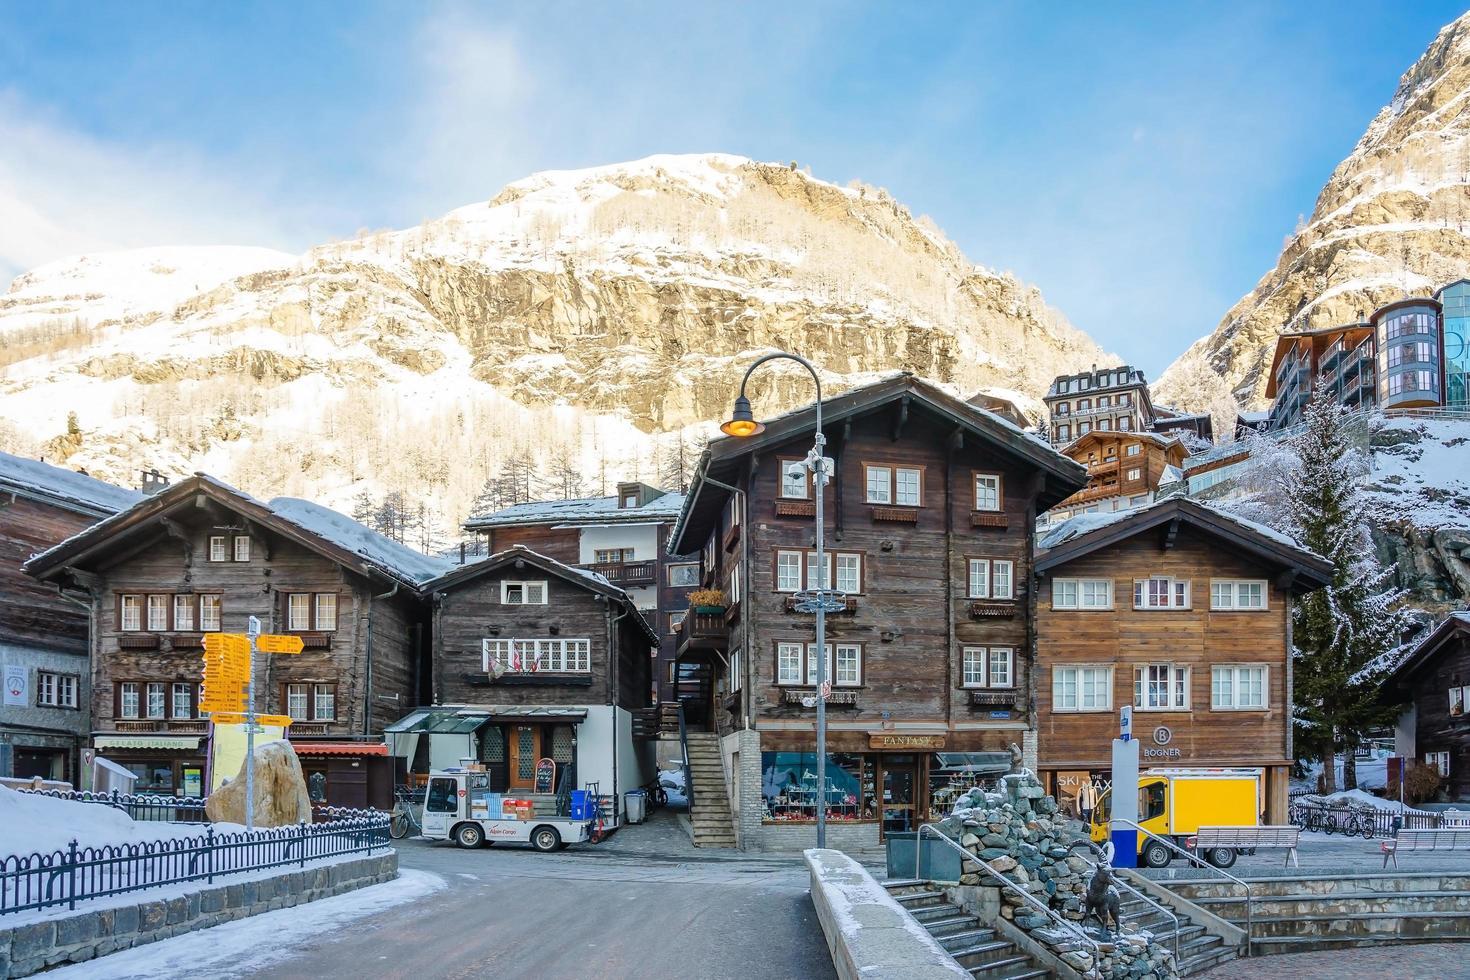 rue à zermatt en suisse, 2018 photo